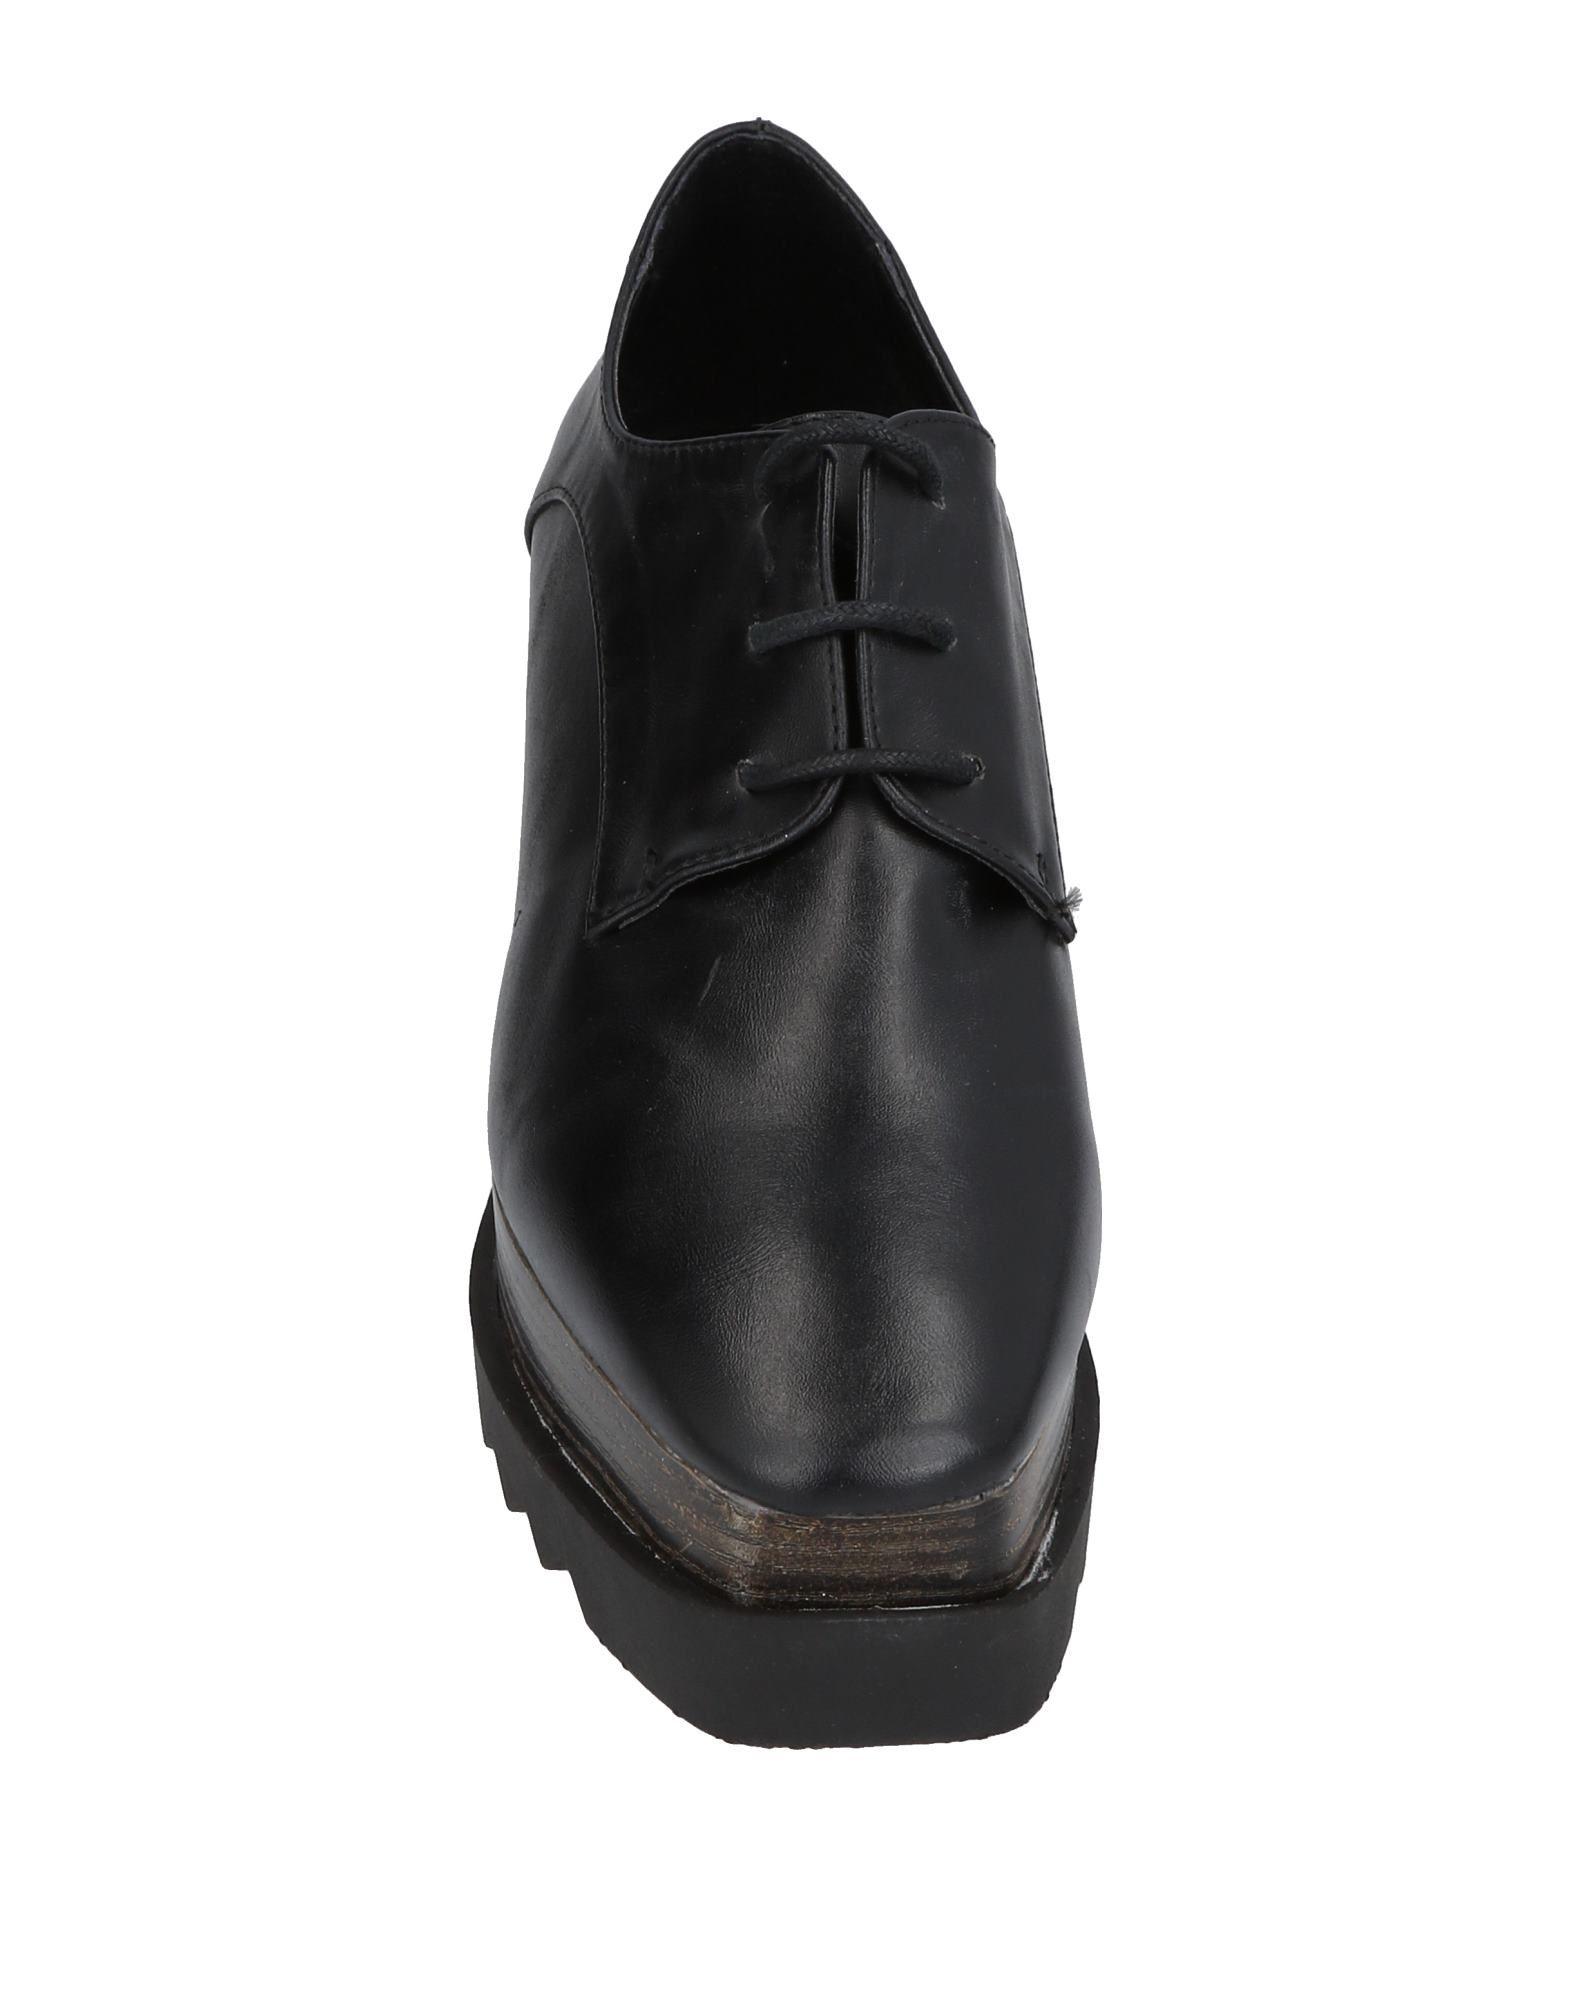 Exe' Gute Schnürschuhe Damen  11459466JO Gute Exe' Qualität beliebte Schuhe 5b1c90